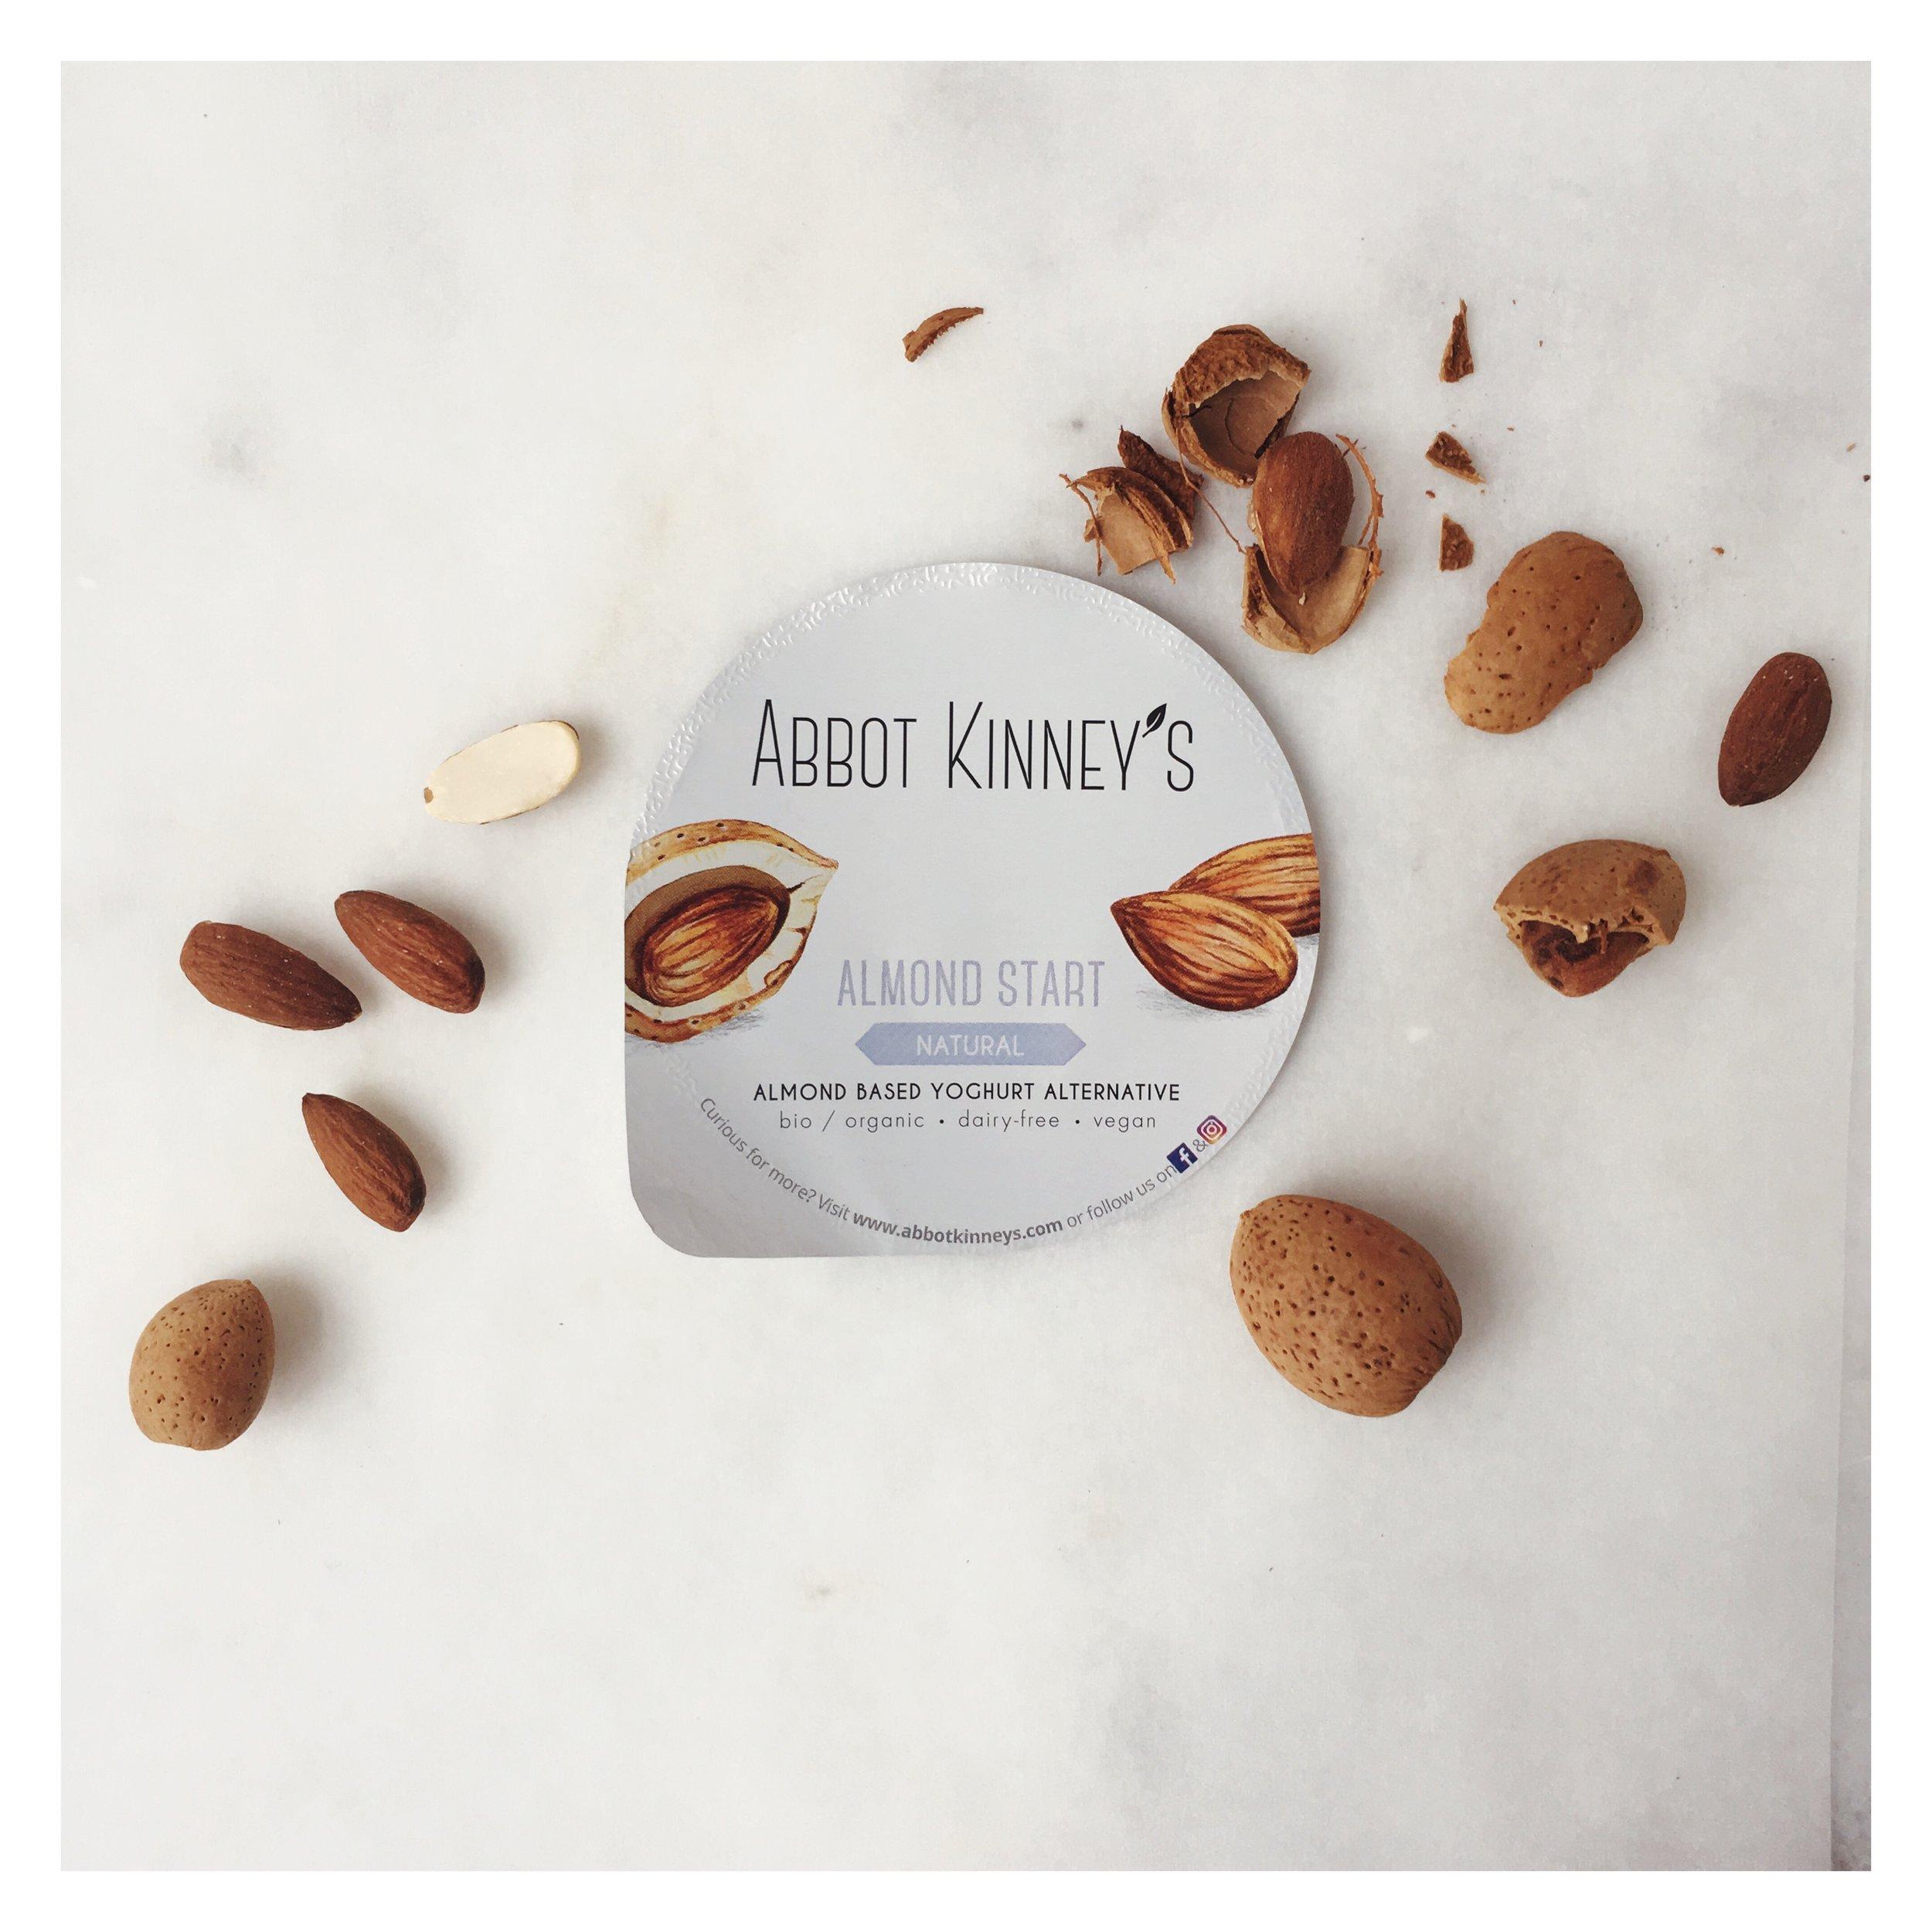 Abbot Kinney's Almond Start sphere 2.JPG